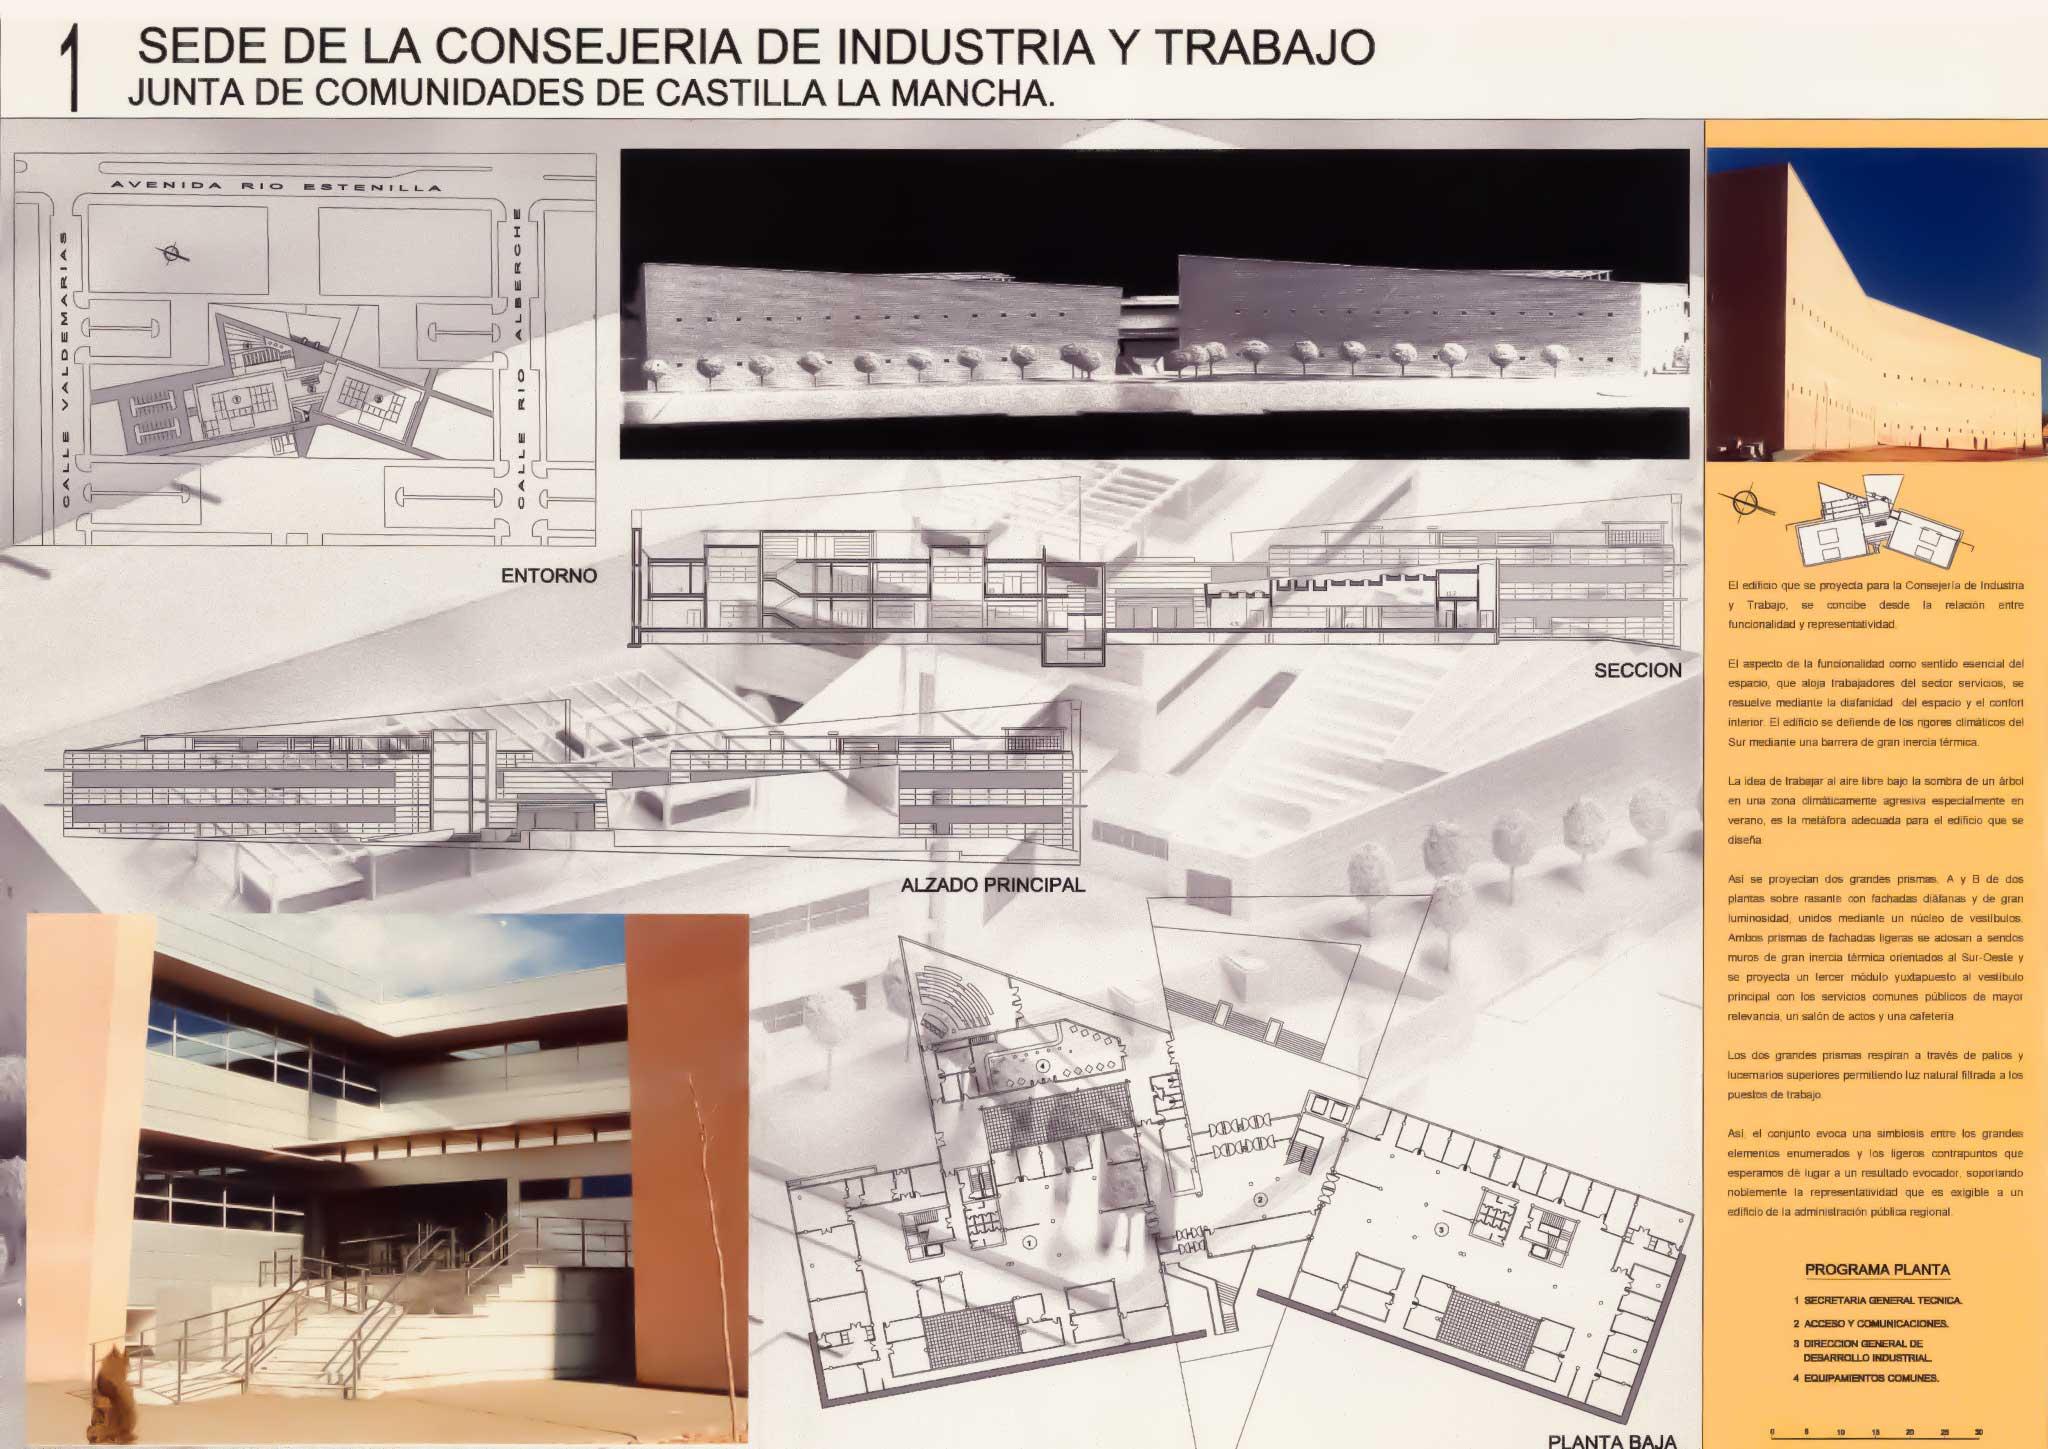 CONSEJERIA-INDUSTRIA_lam1